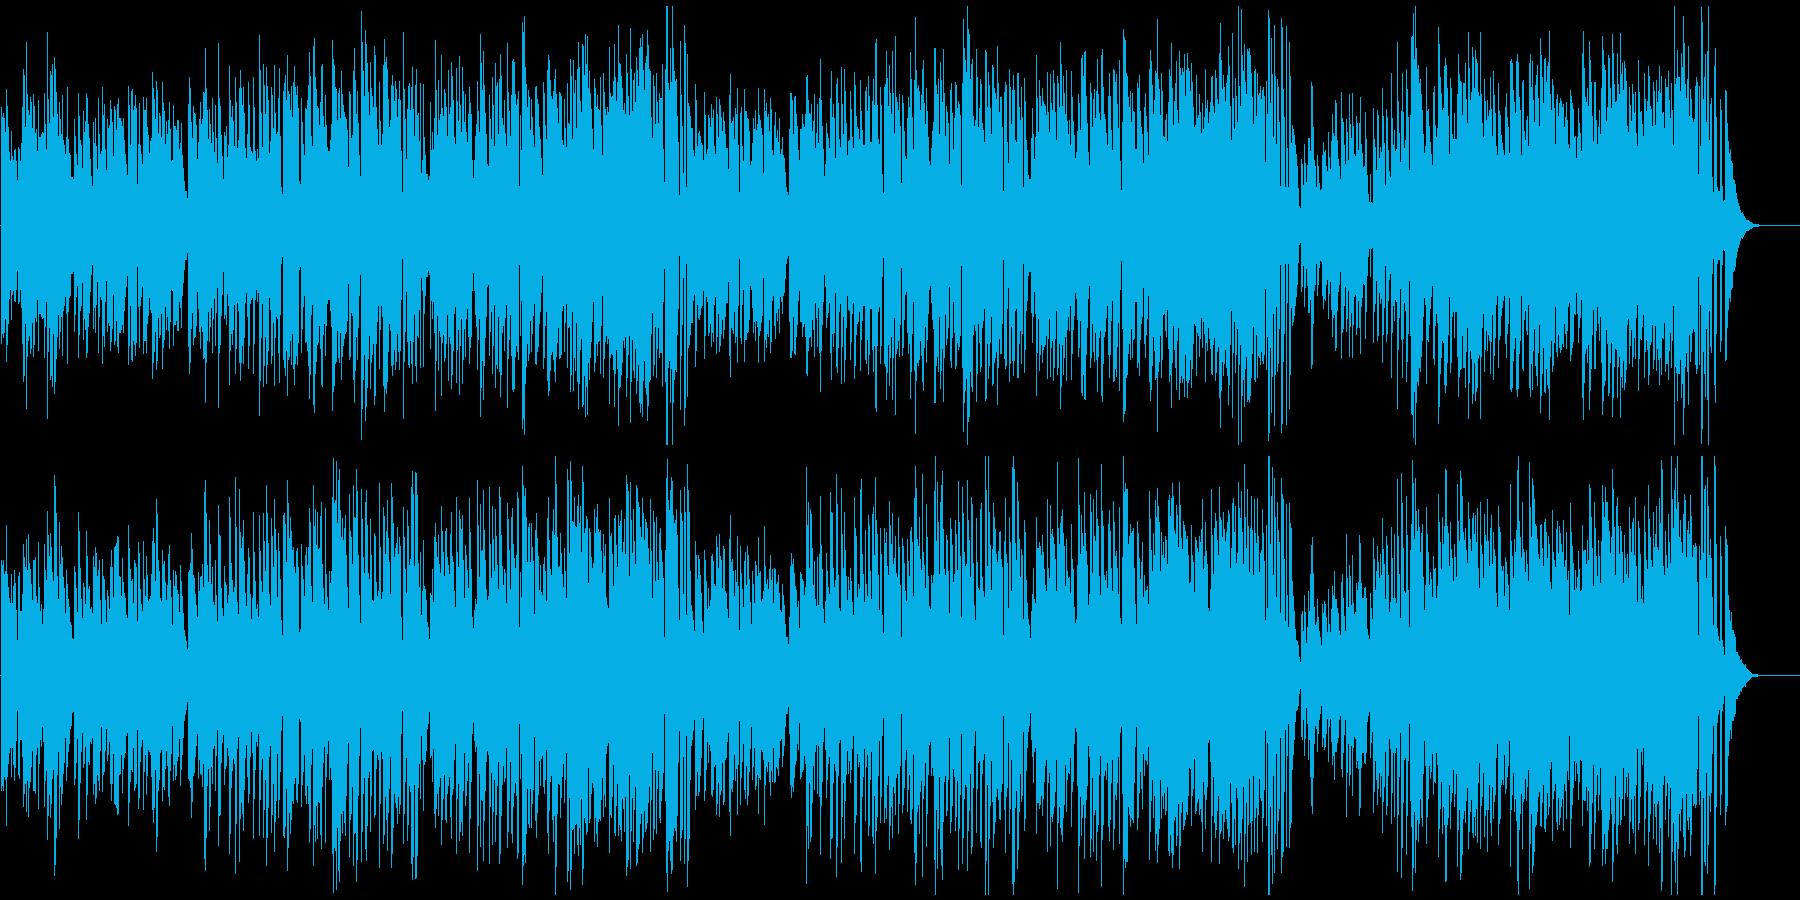 思わずスキップしたくなる軽快なピアノソロの再生済みの波形